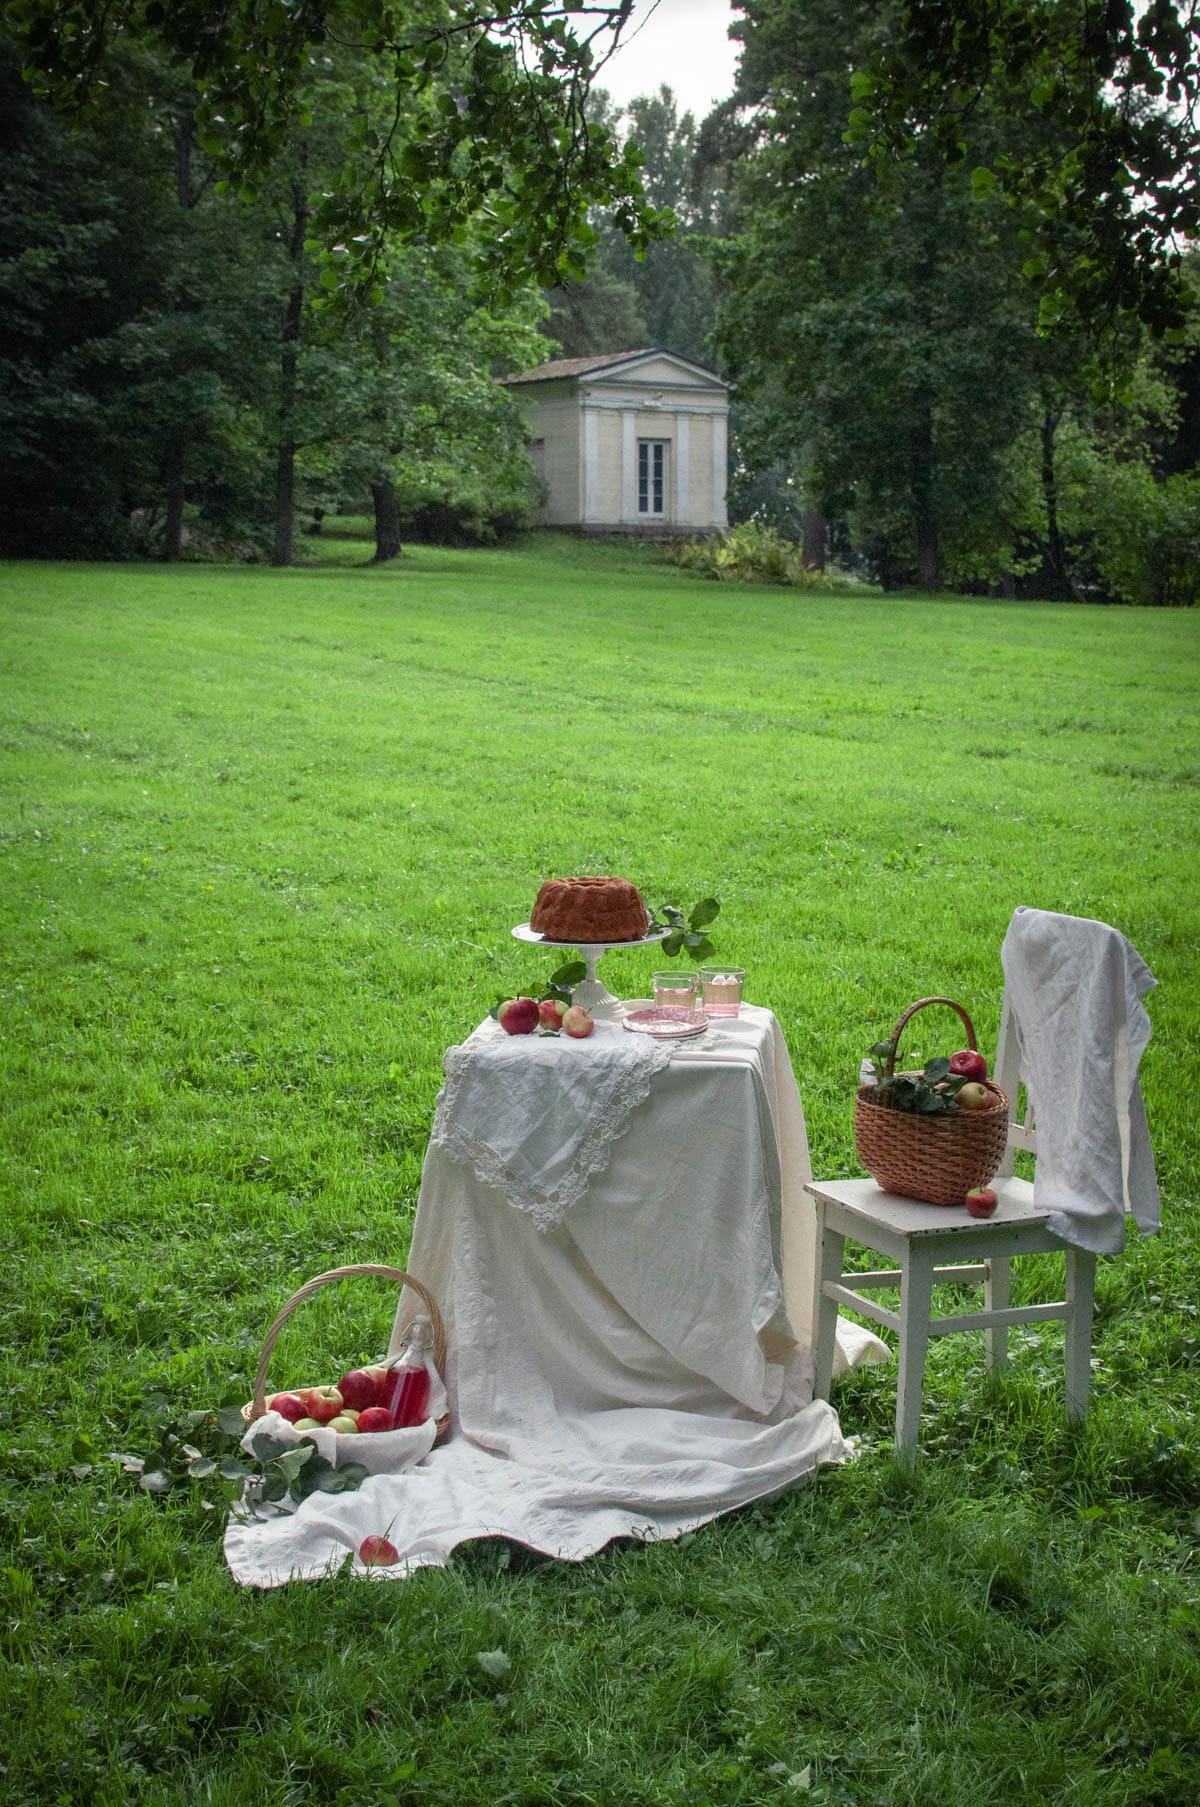 Romanttinen ulkokuva. Omekakku on katettu pienelle, valkealla liinalla peitetylle pöydälle. Taustalla näkyy Engelin suunnittelema huvimaja.